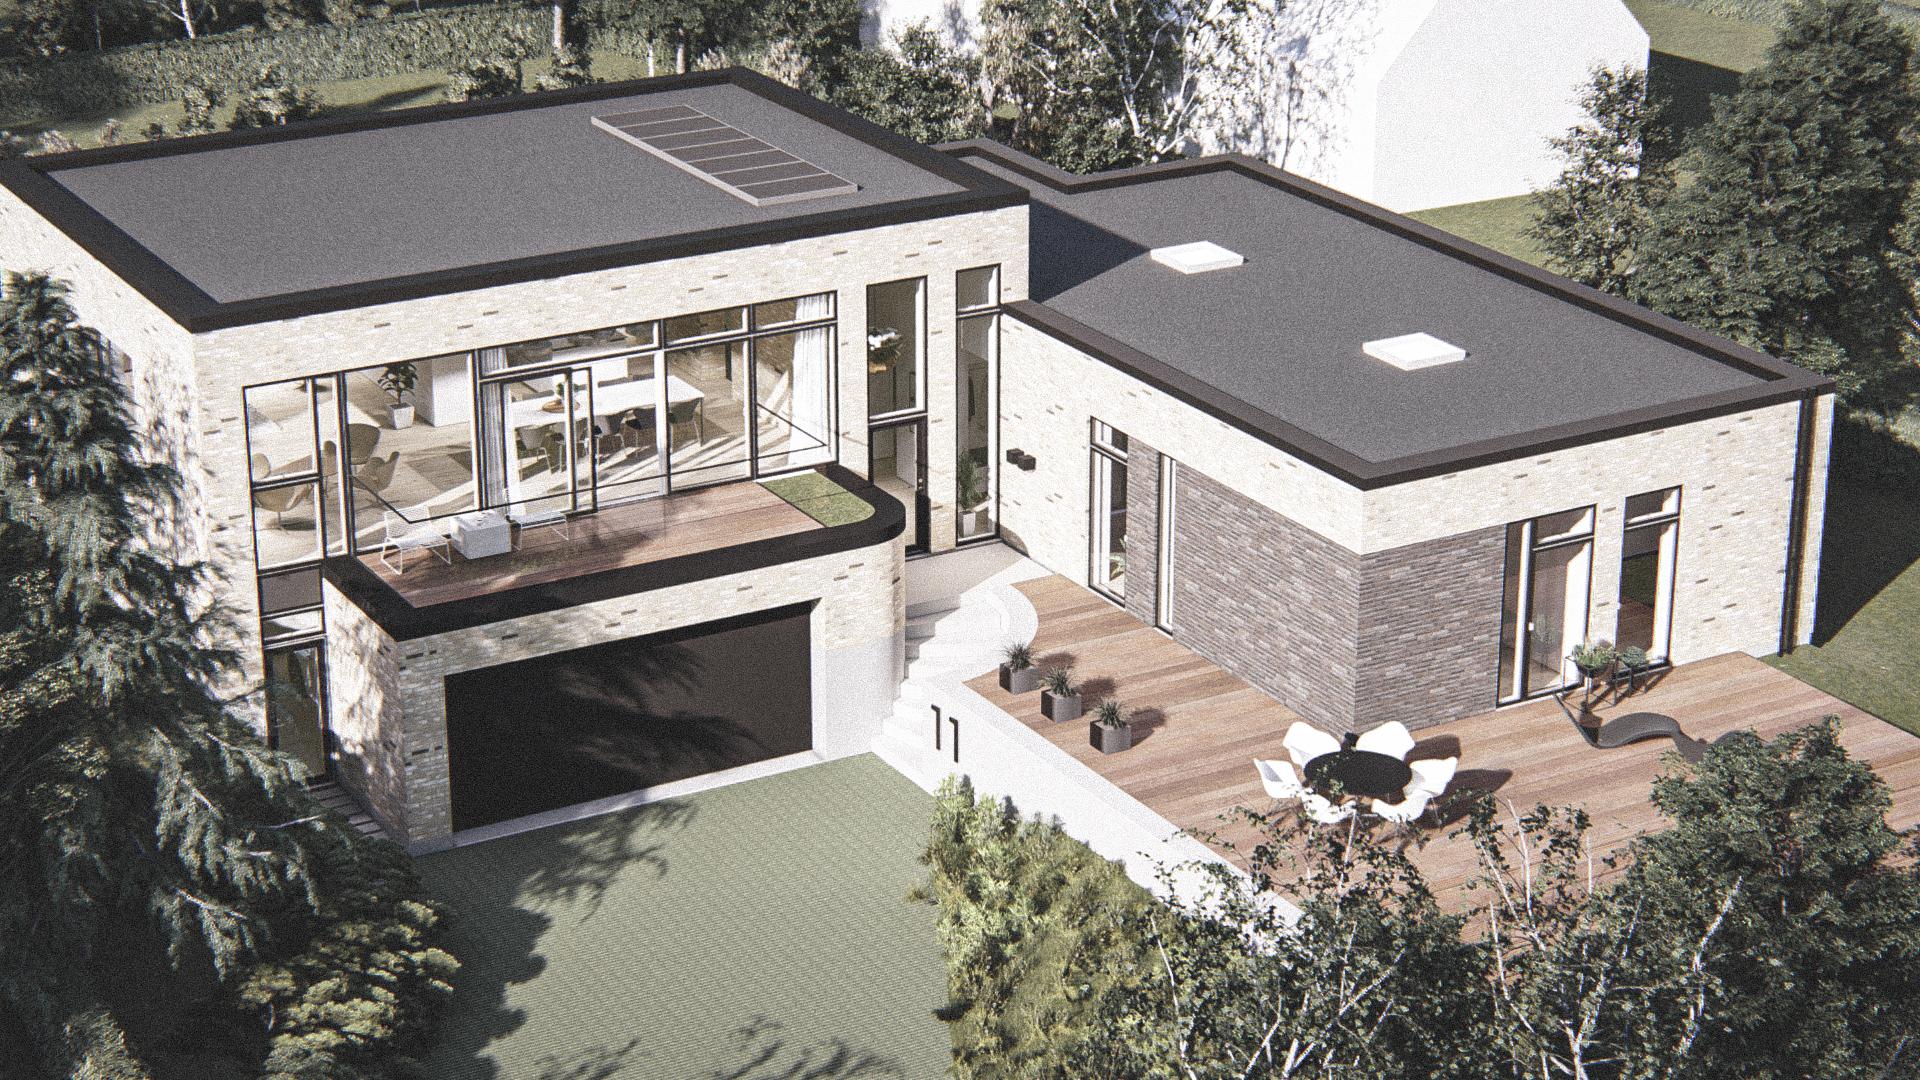 Billede af Dansk arkitekttegnet parterreplan villa af arkitektfirmaet m2plus, i Højbjerg på 248 kvartratmeter.